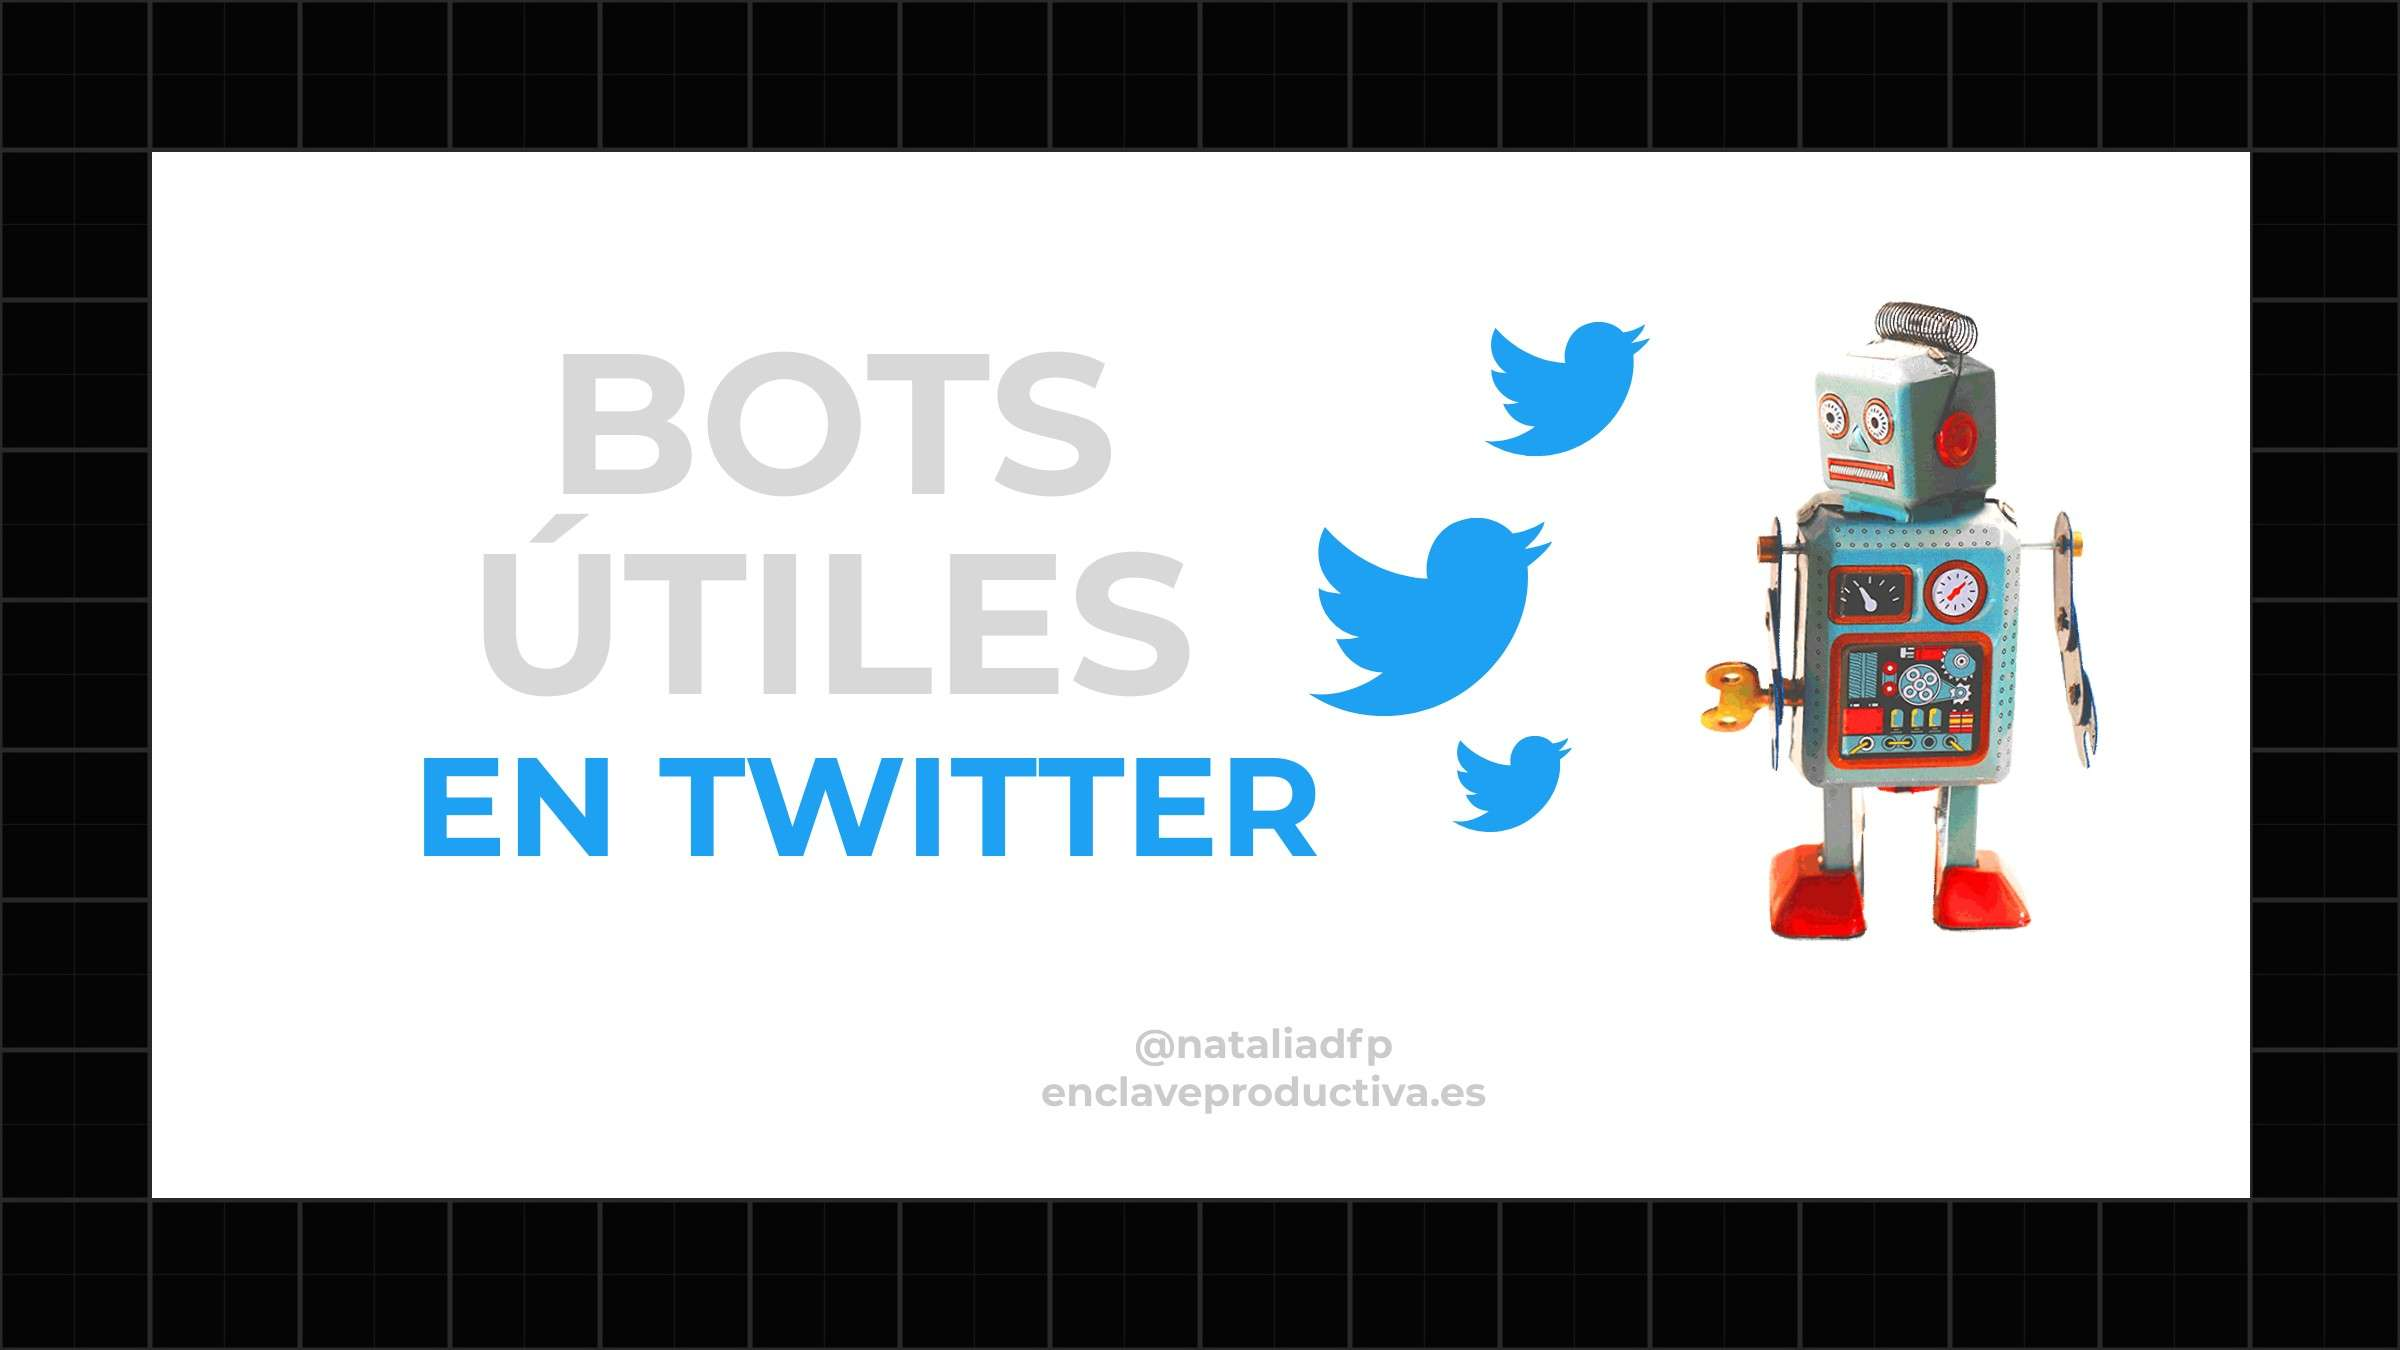 bots en twitter: portada